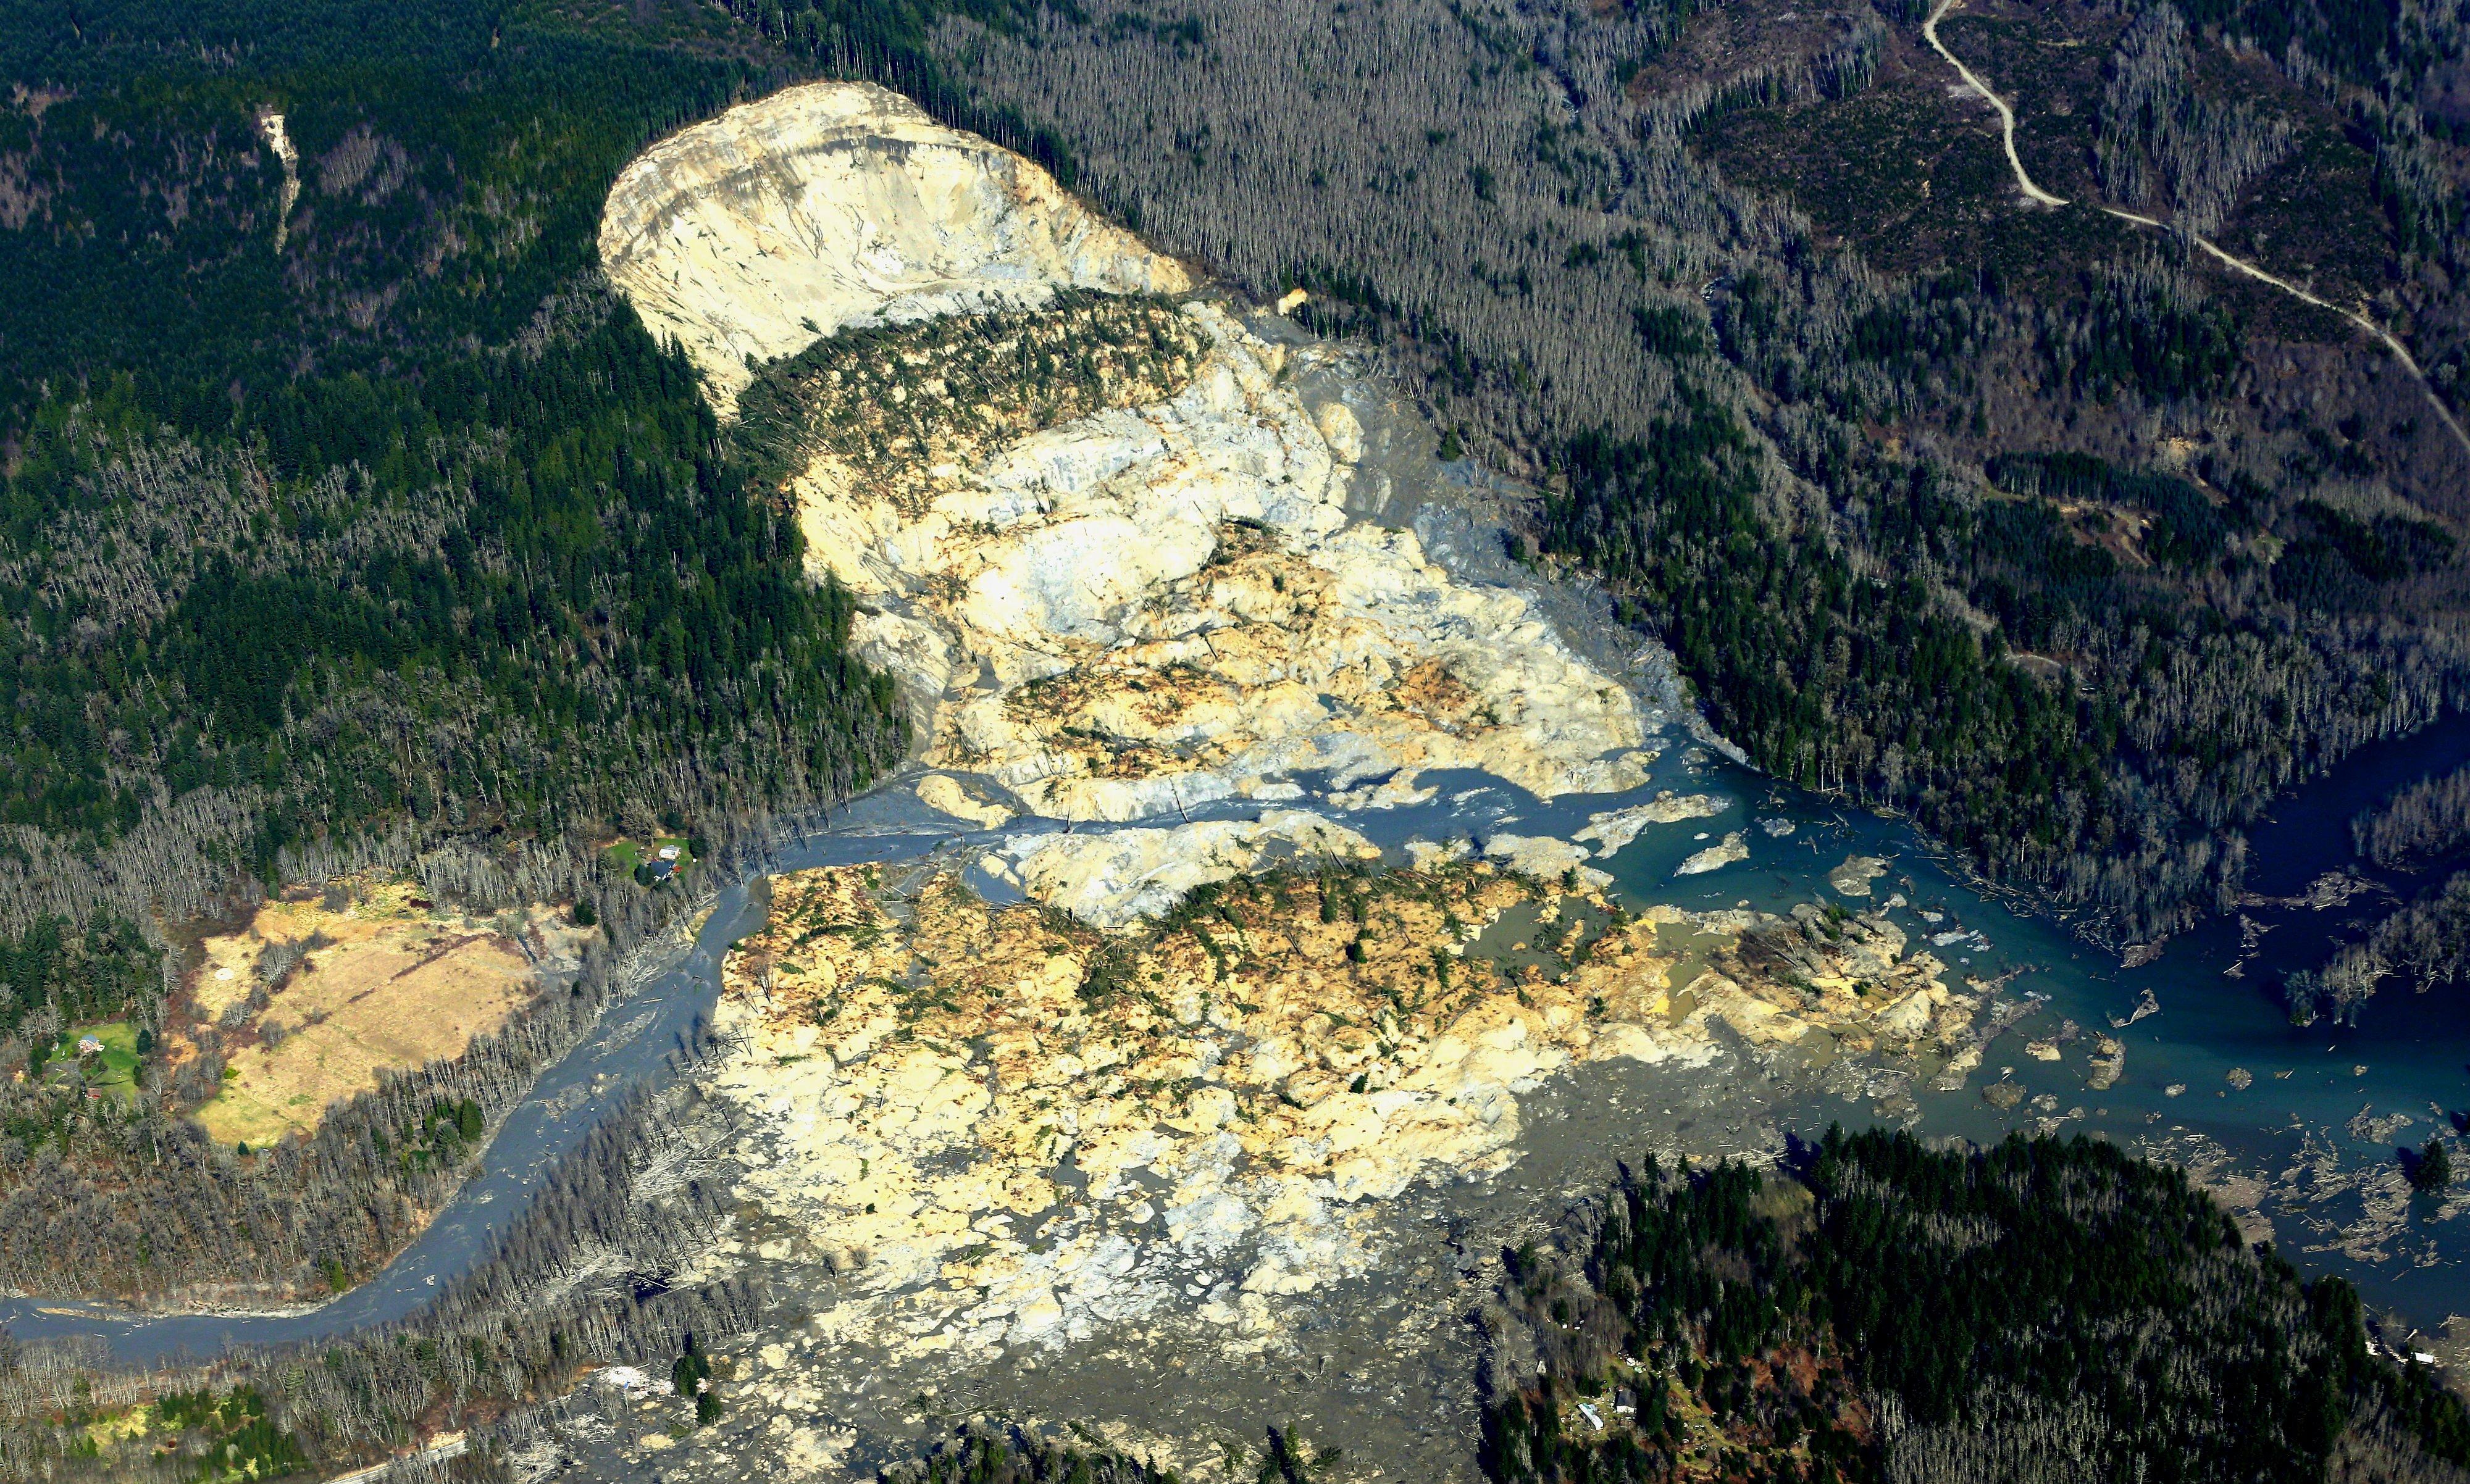 Snohomish Mudslide landslide nature natural disaster 4000x2404